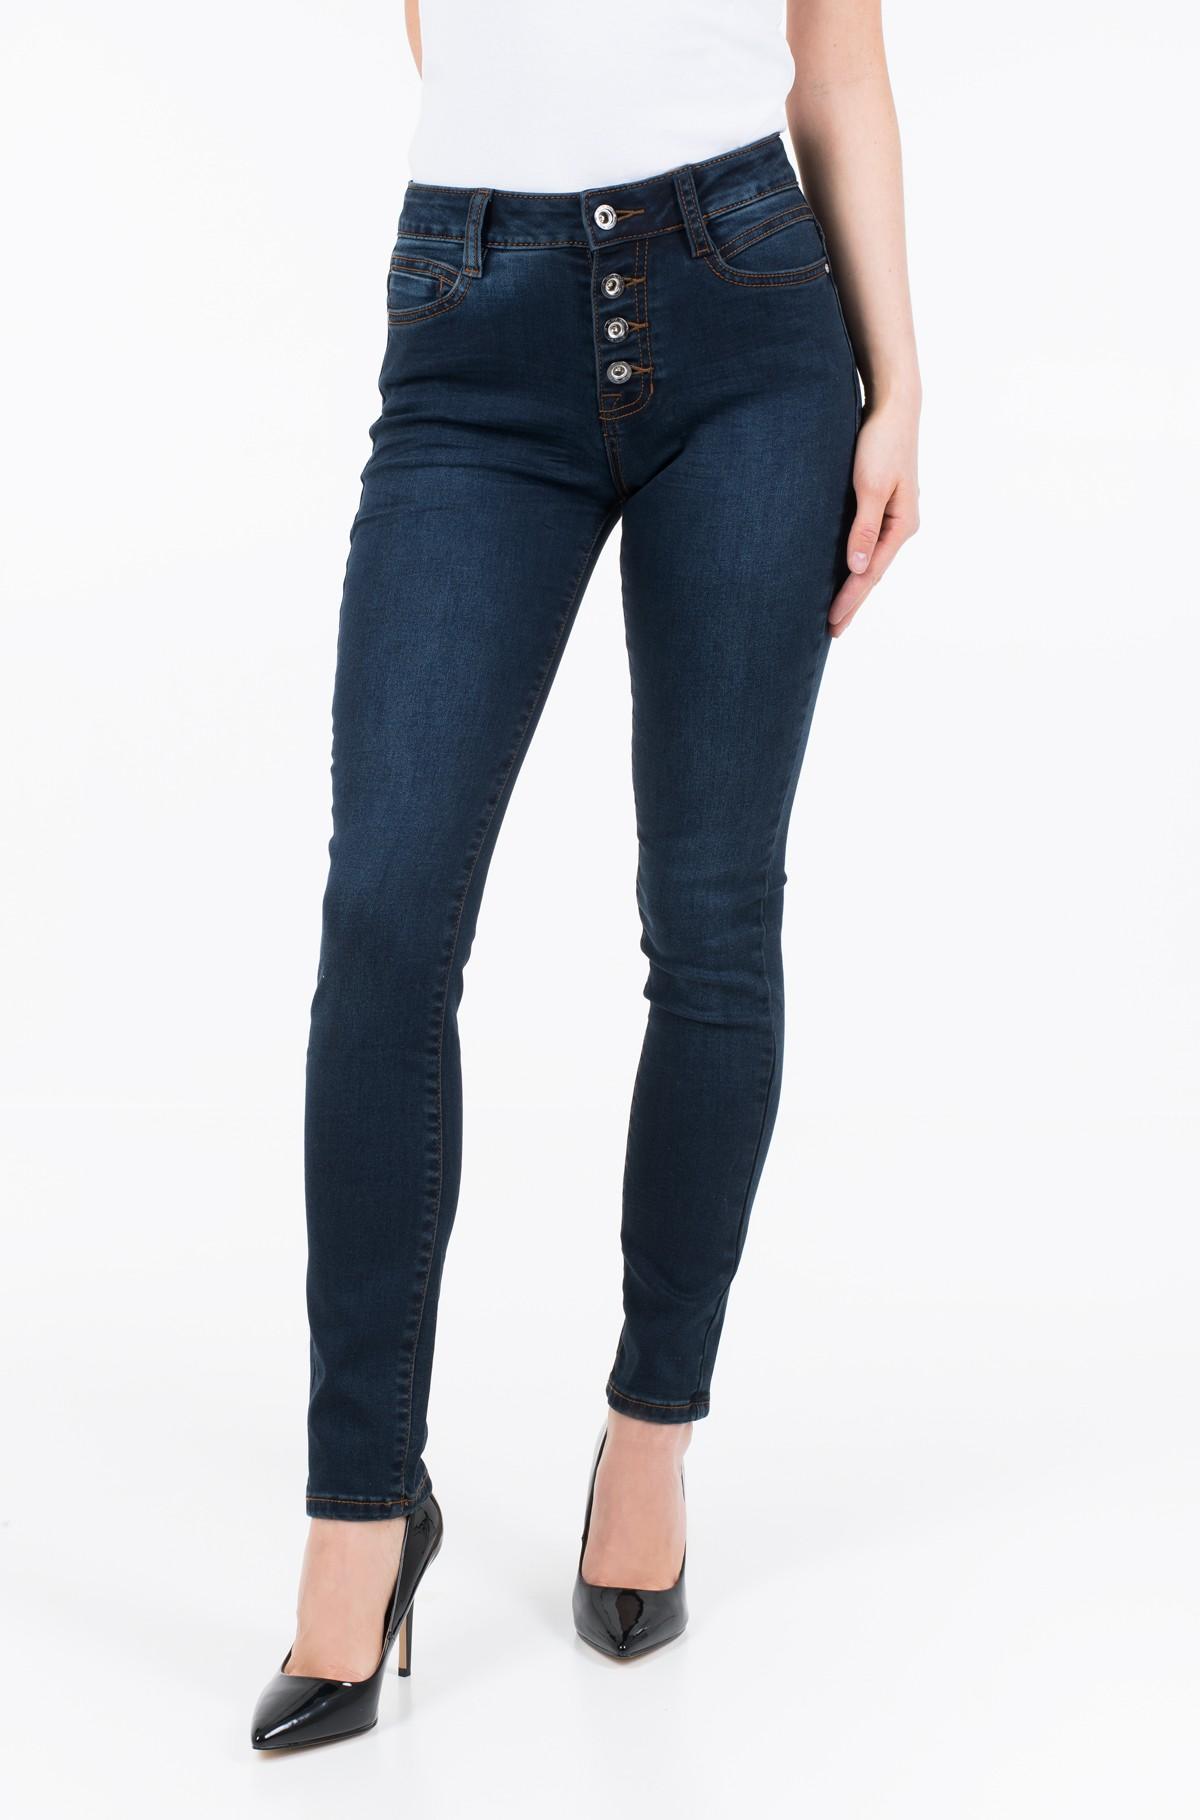 Džinsinės kelnės 1008314-full-1